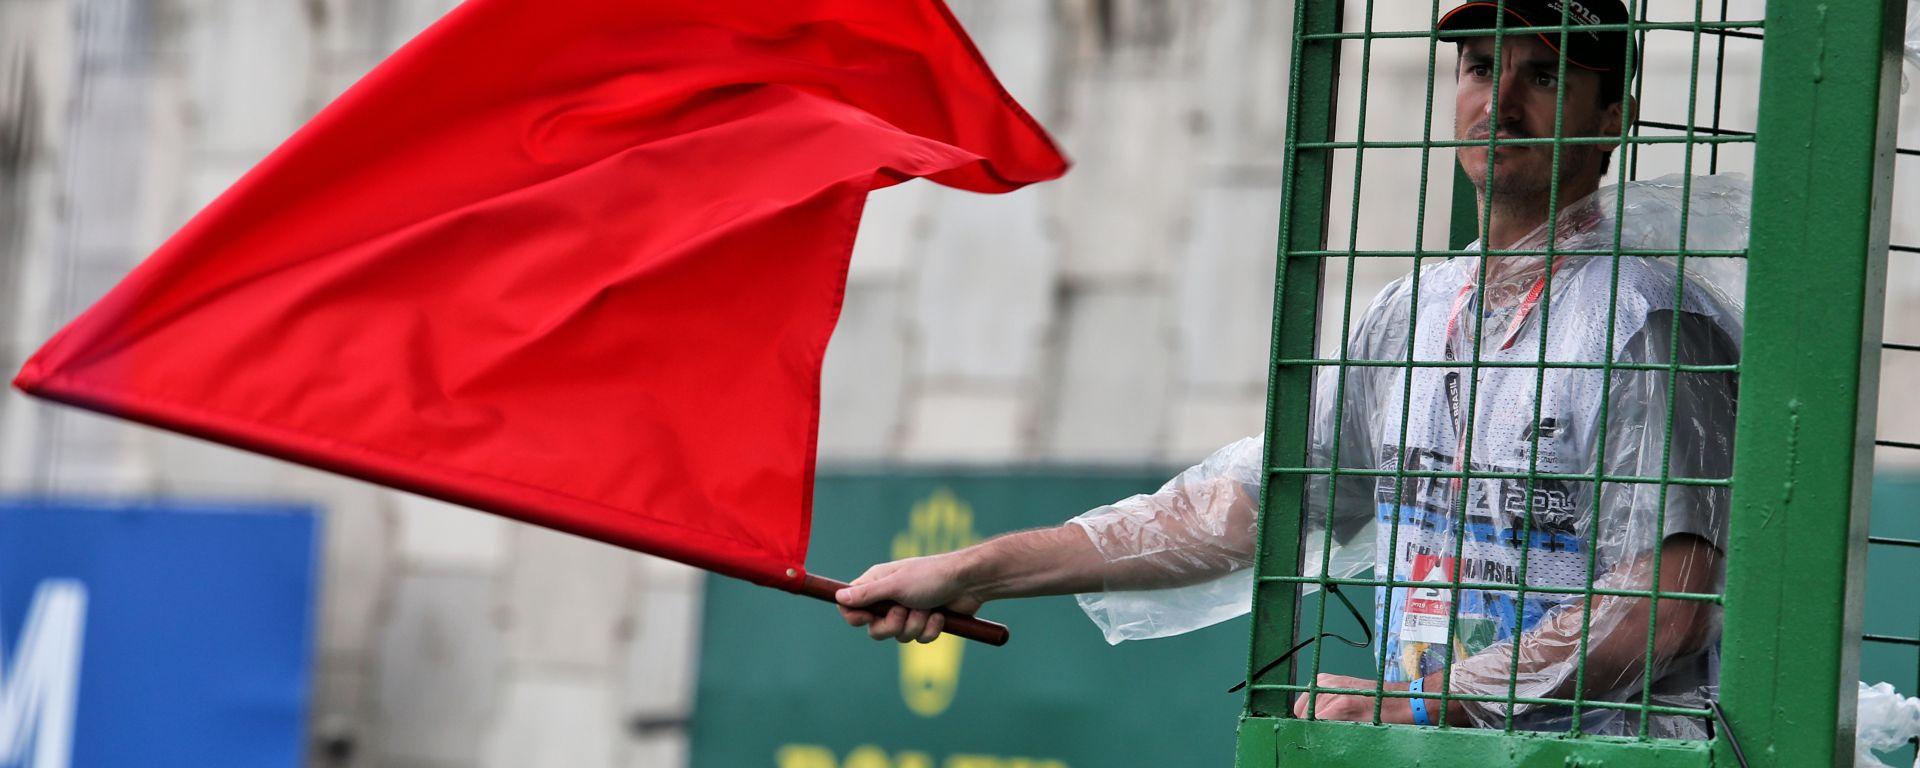 F1, una bandiera rossa sventolata in pista